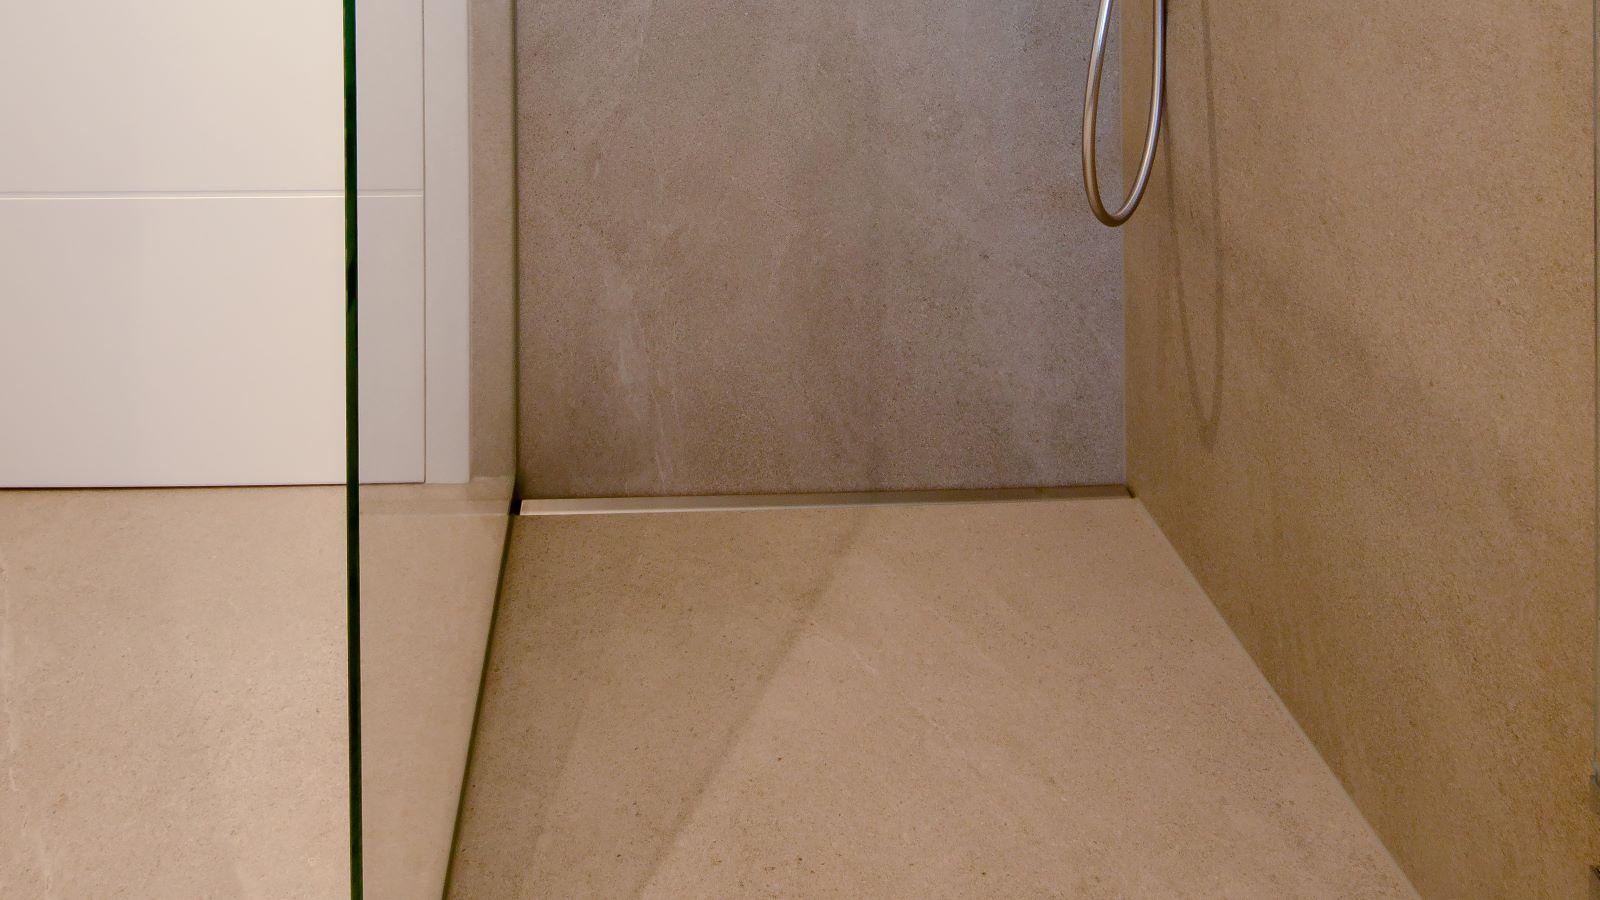 Hochwertige v4a edelstahl-duschrinne pro mit seitlichen ausfuehrungen fuer den wandbuendigen einbau. Gezeigt wird die bodengleiche dusche mit der dezenten duschrinne pro an der rueckwand eingebaut. Links schliesst die massgefertigte duschrinne pro direkt an eine glasduschwand an, rechts direkt an die wand. Die individuelle aufkantung der duschrinne pro ist entsprechend links kleine aufkantung im rechten winkel fuer glasduschwand, hinten aufkantung fuer wand und rechts aufkantung im rechten winkel fuer wandecke.